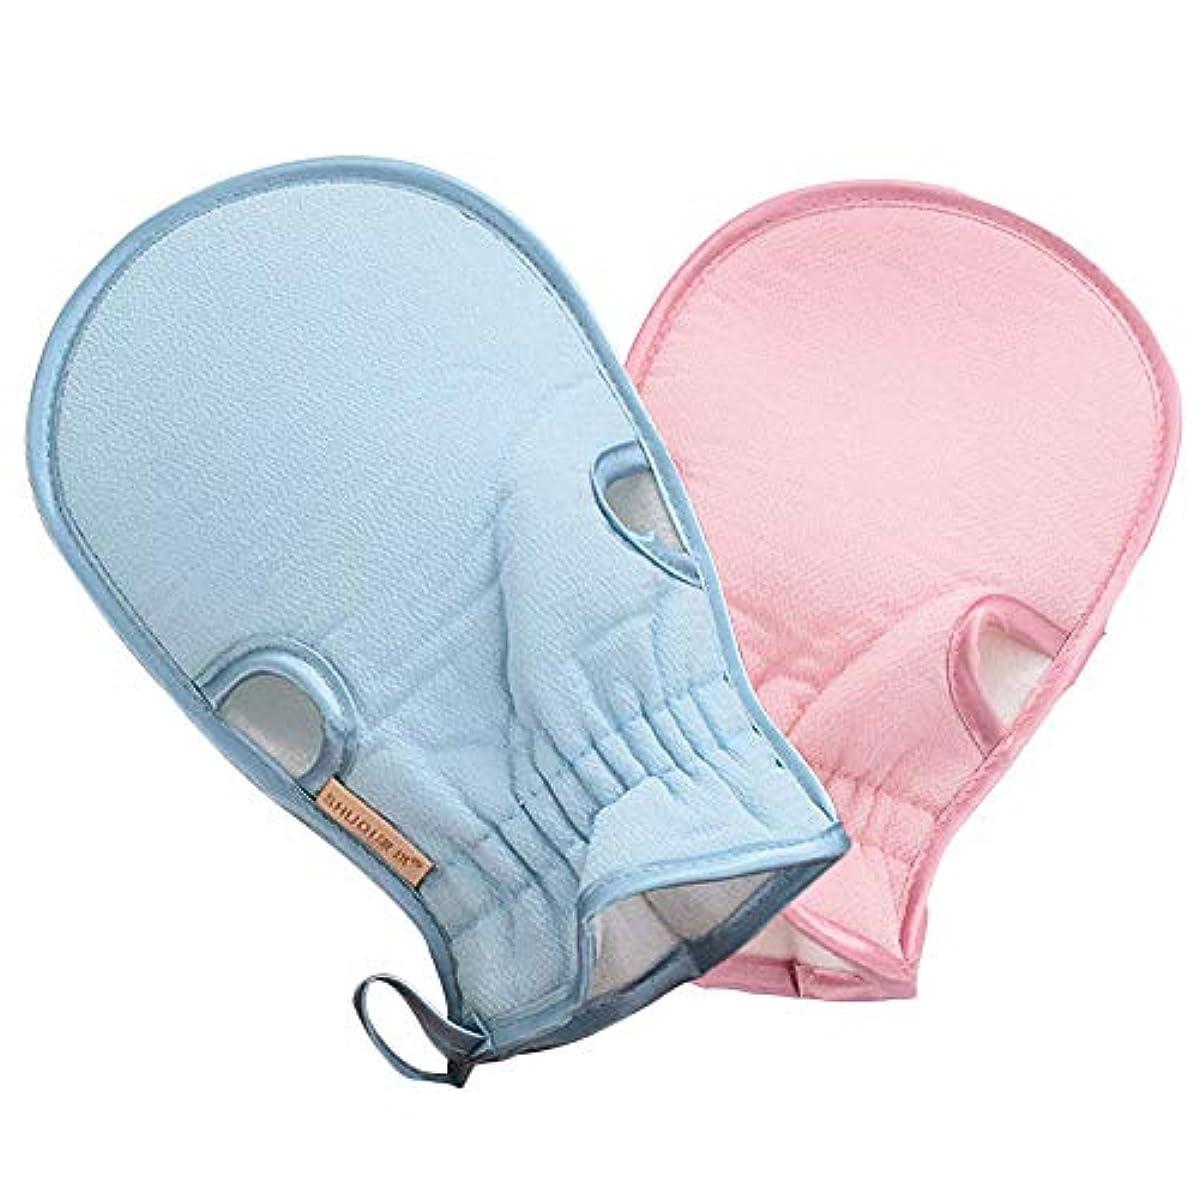 2パック浴用手袋 あかすり ボディタオル 入浴用品 バス用品 垢すり手袋 毛穴清潔 角質除去